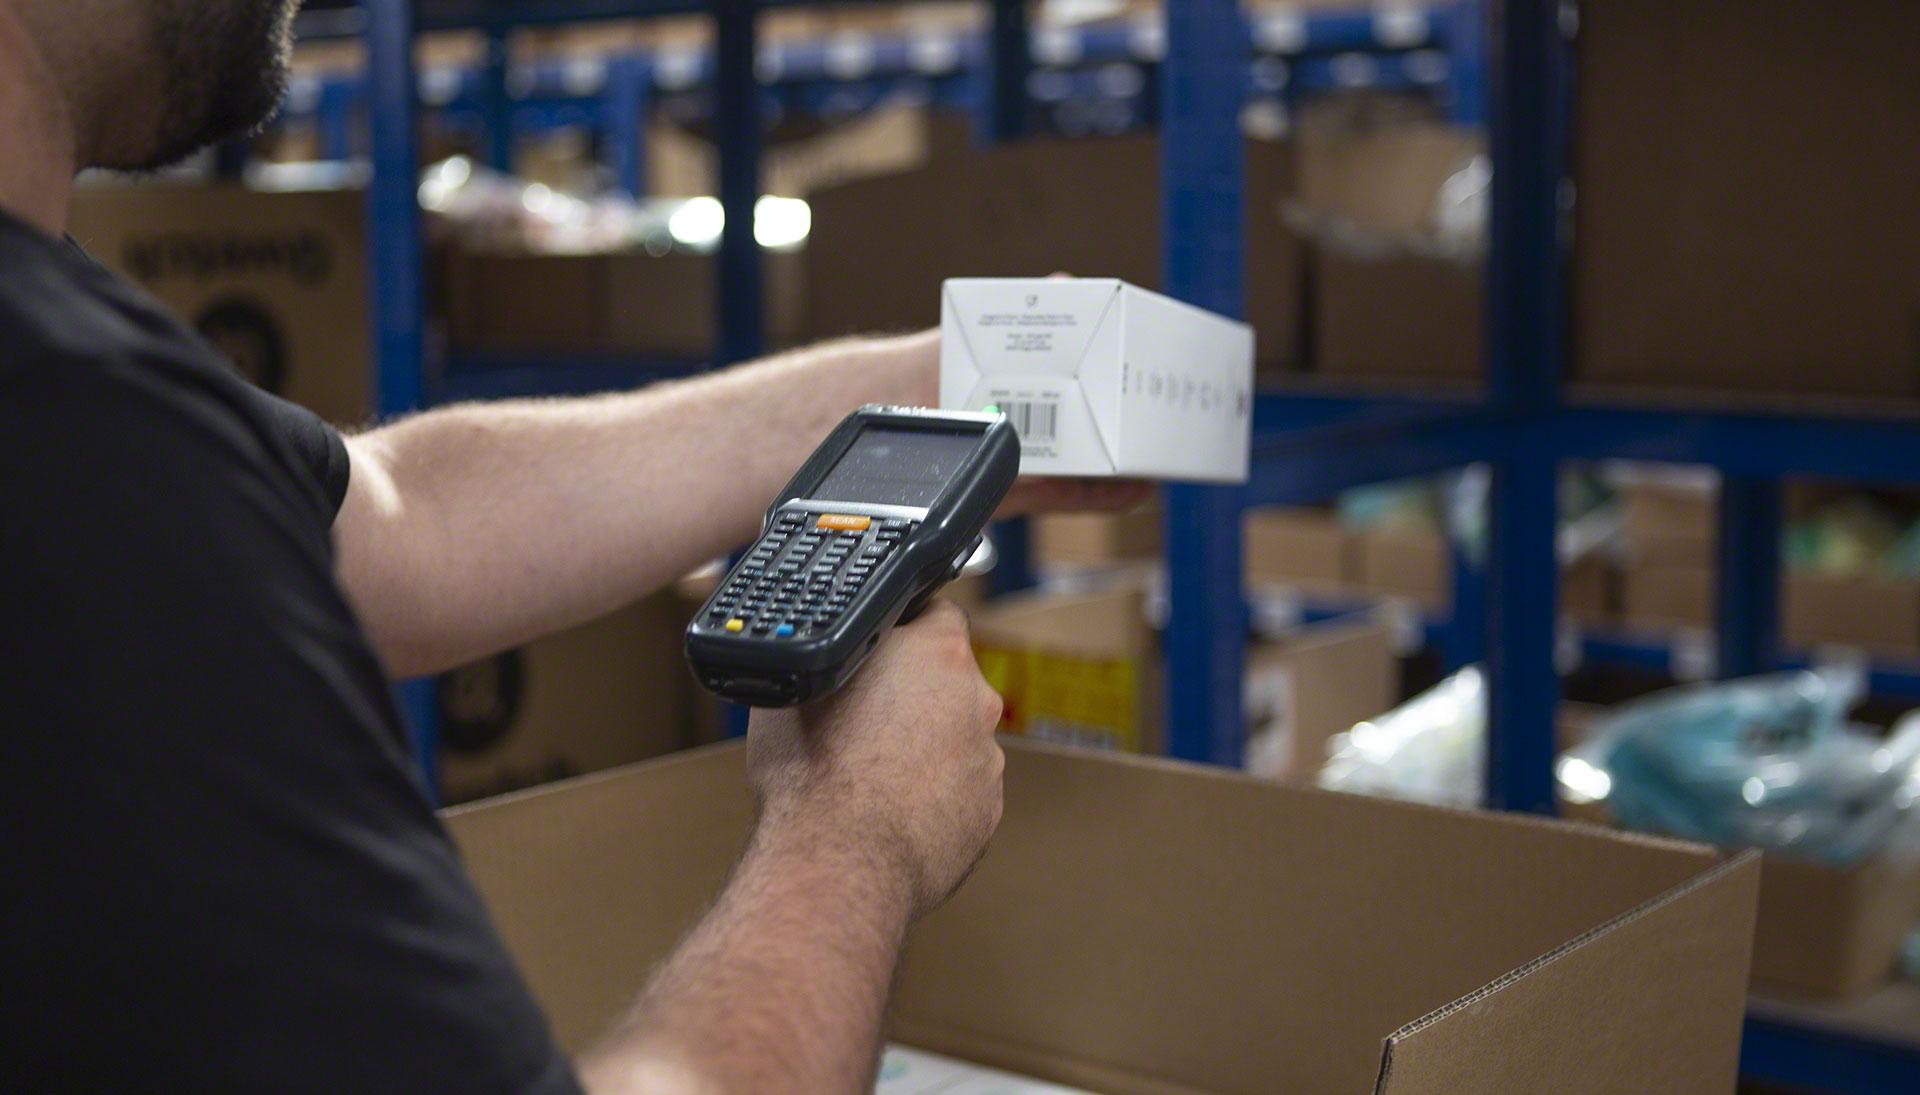 Los envíos en 24 horas: ¿cómo superar el desafío logístico?